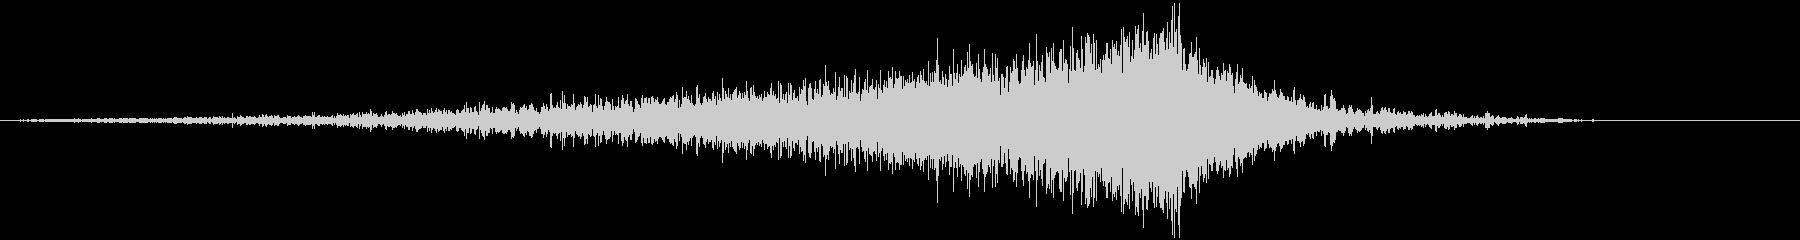 【ライザー】38 エピックサウンドの未再生の波形